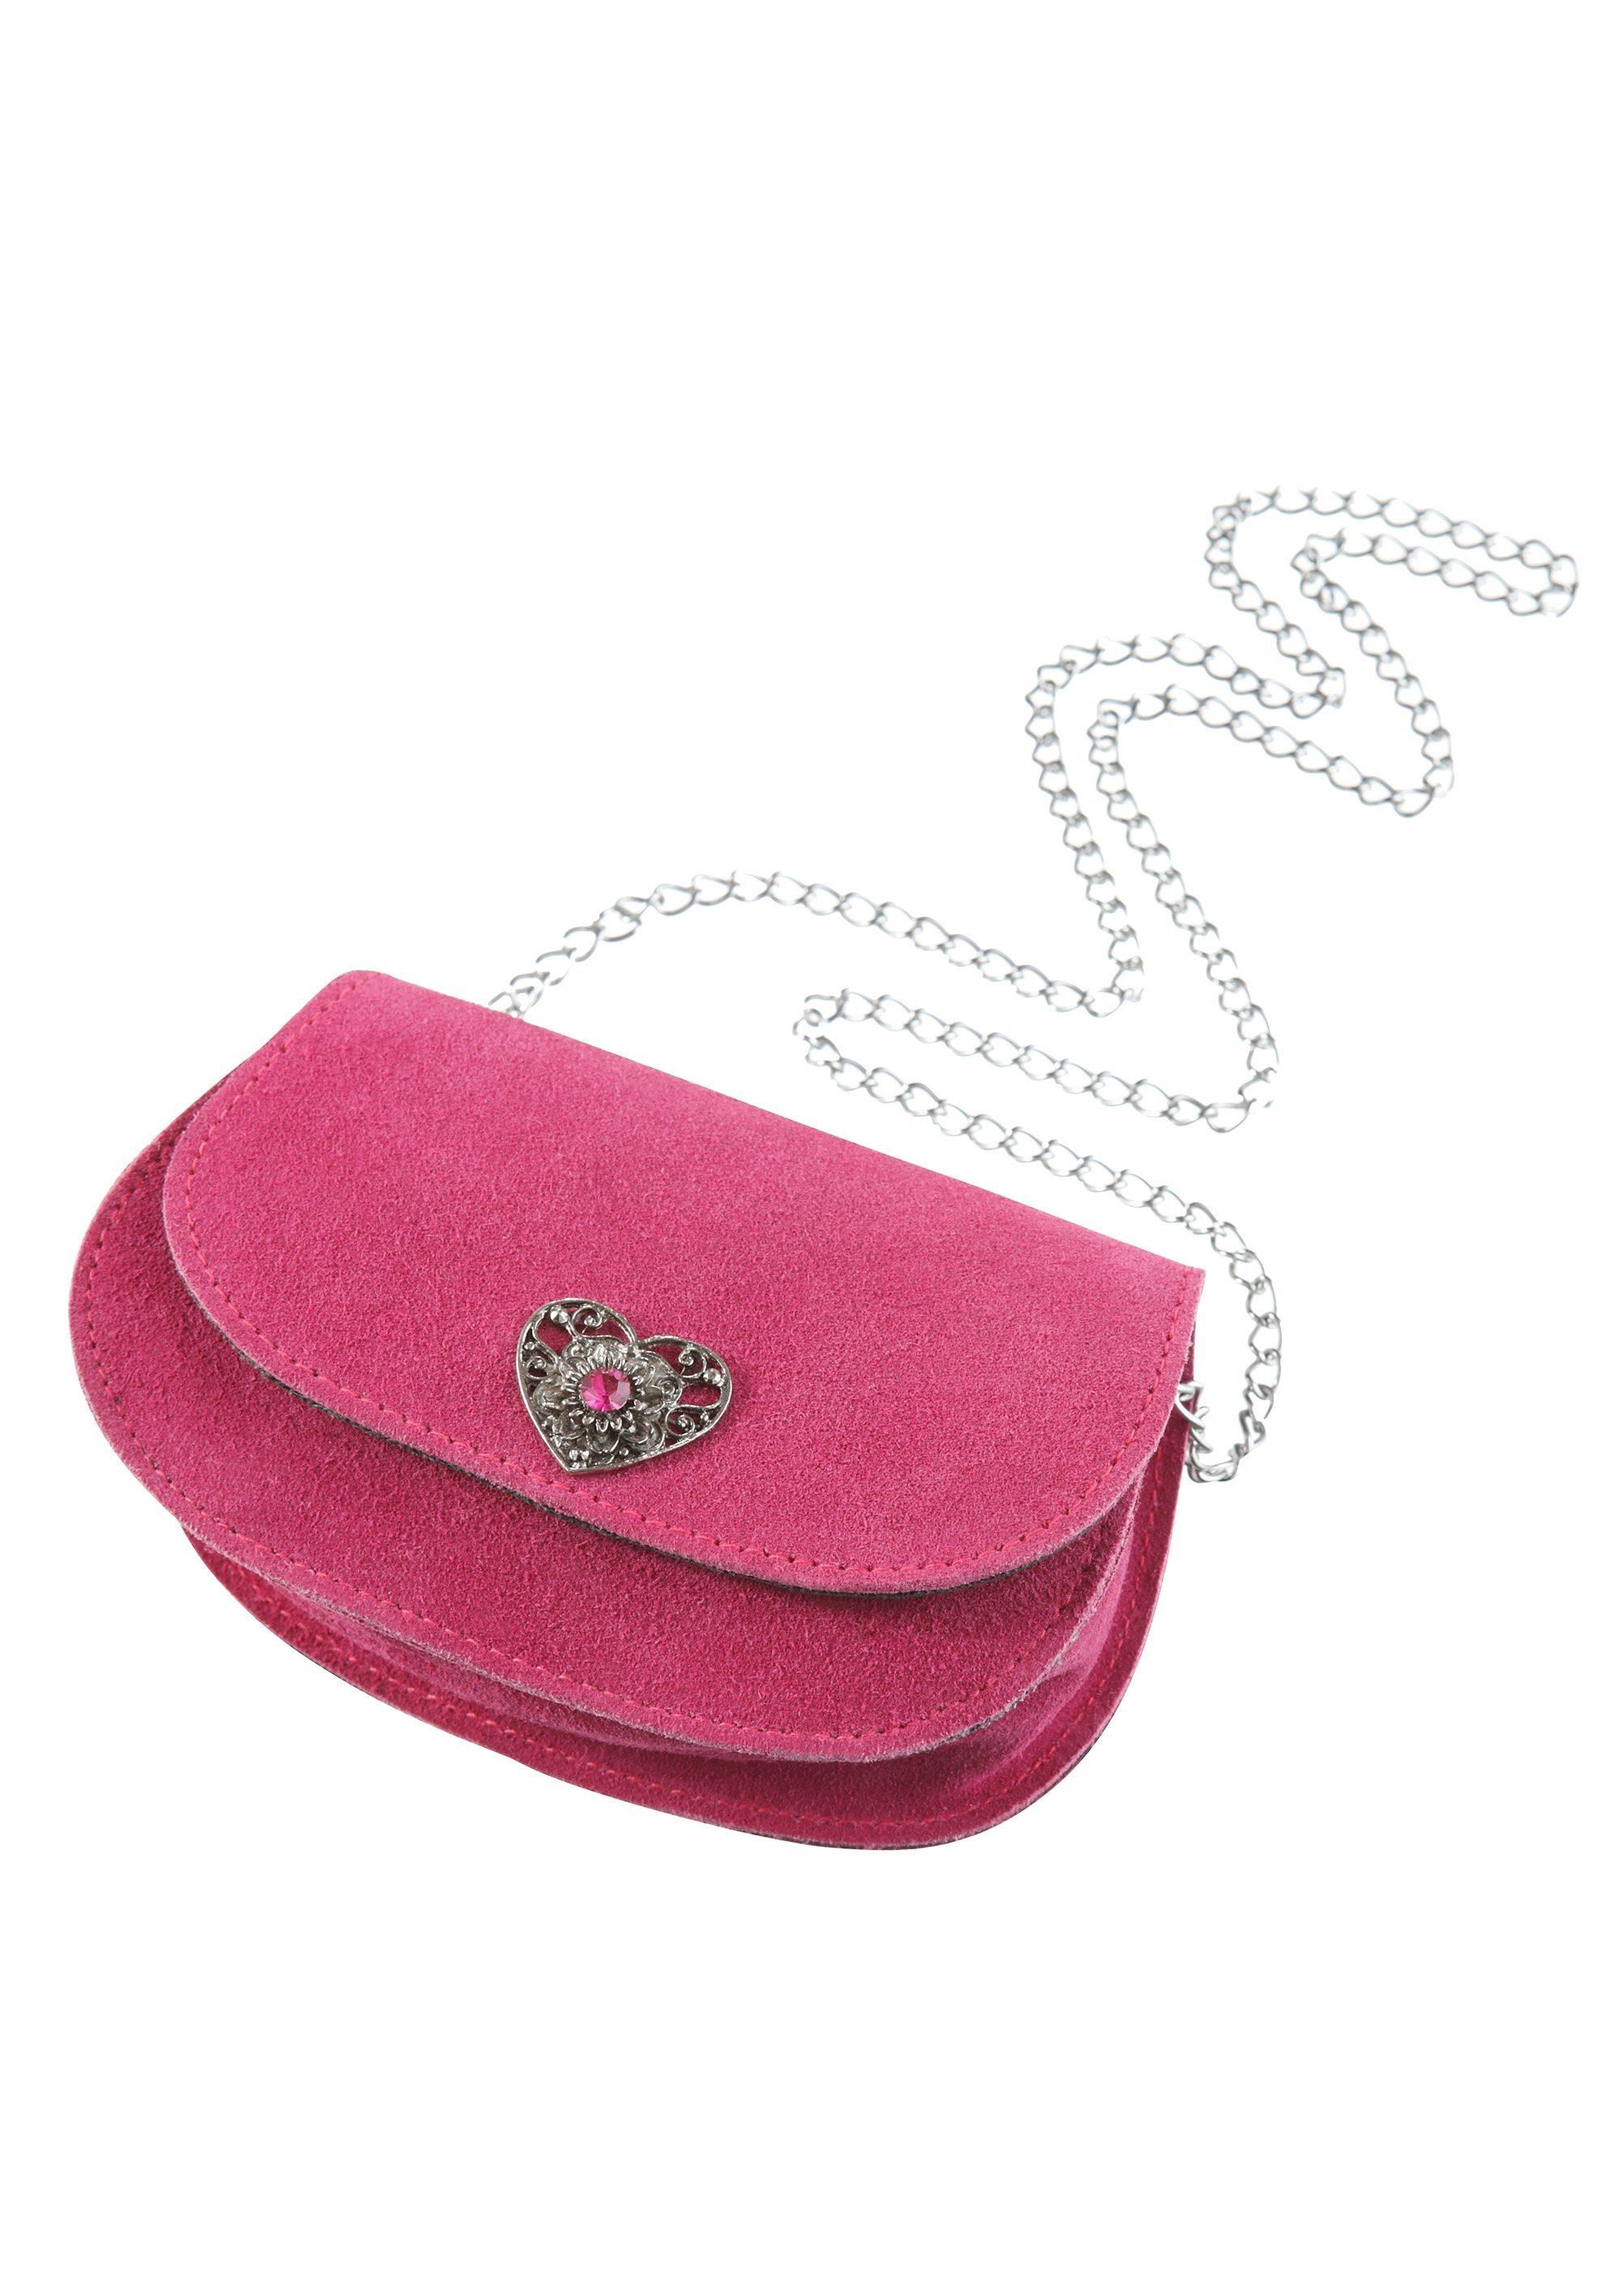 Trachtentasche mit Gliederkette